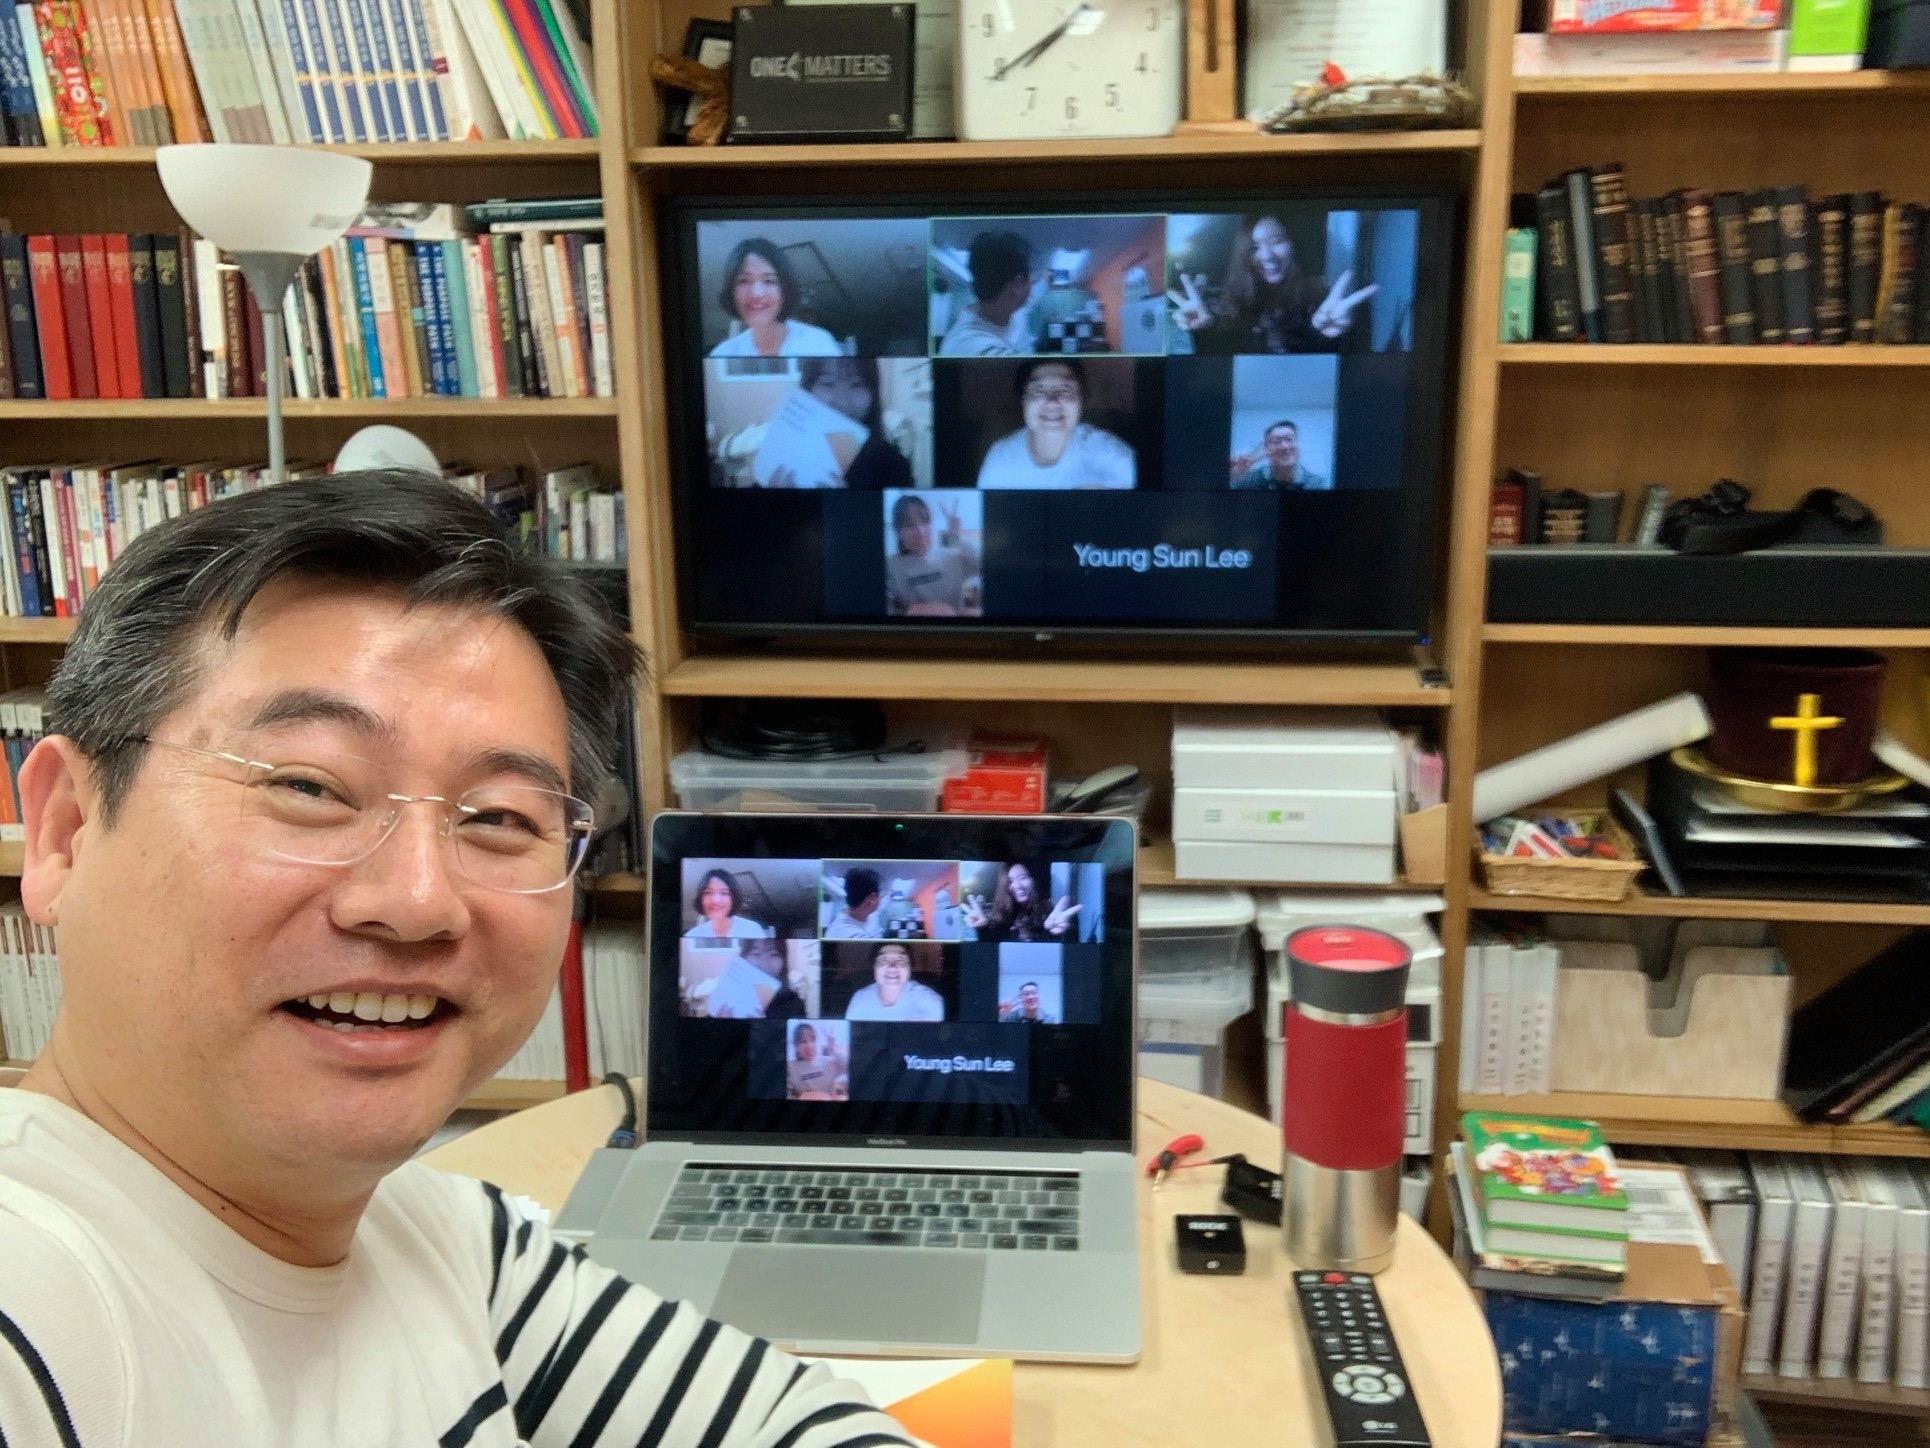 시카고예수사랑 교회의 줌(Zoom)을 사용해서 성경공부를 하는 모습. 사진 제공 조선형 목사.